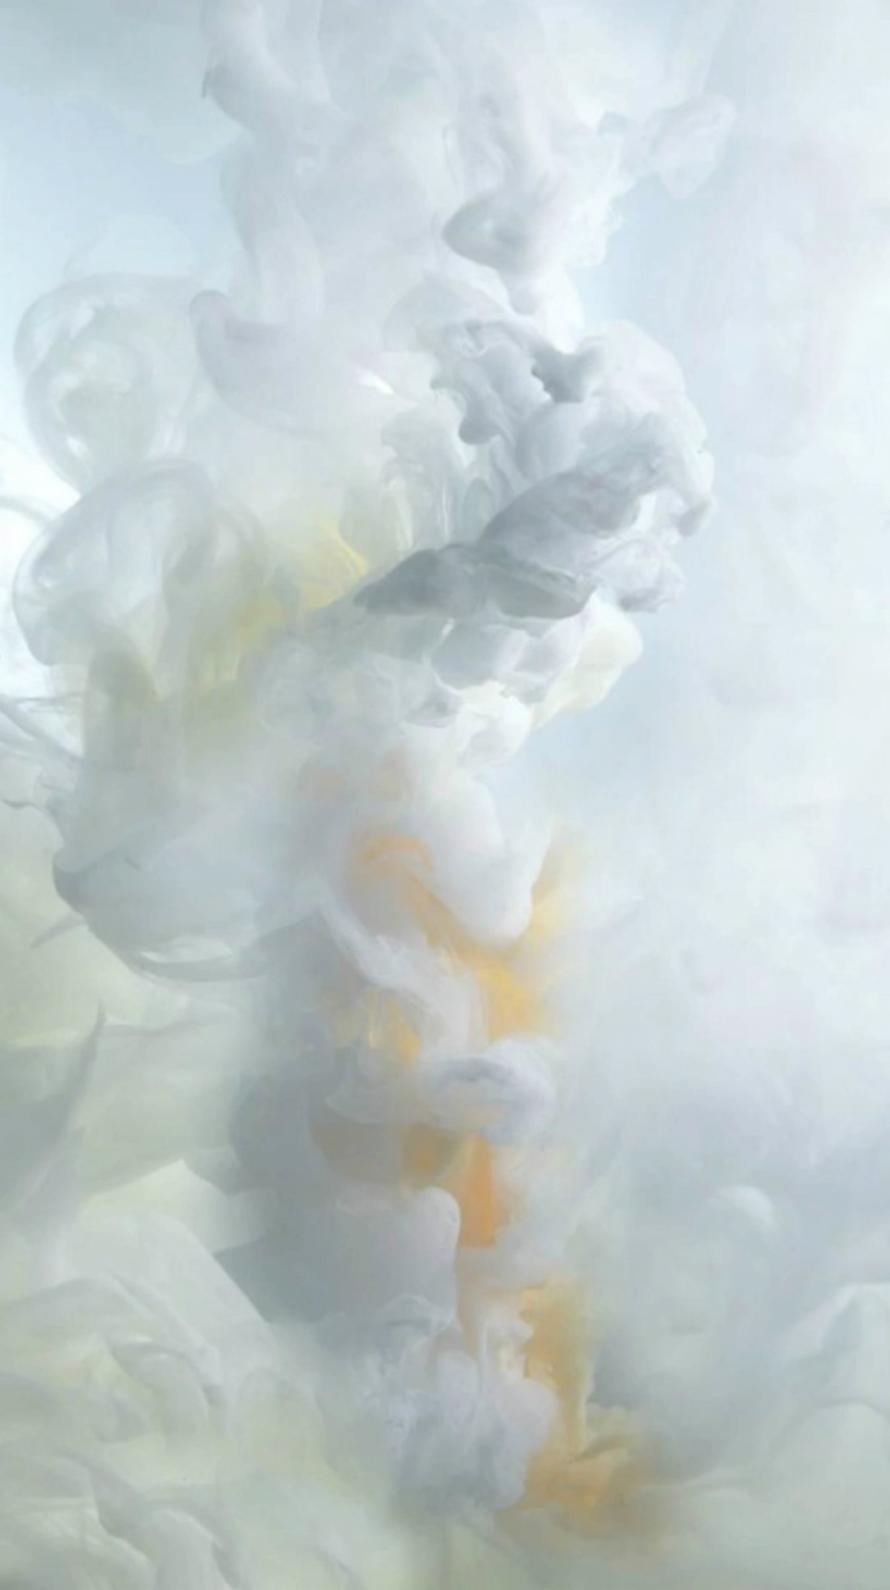 白い煙 iPhone6壁紙